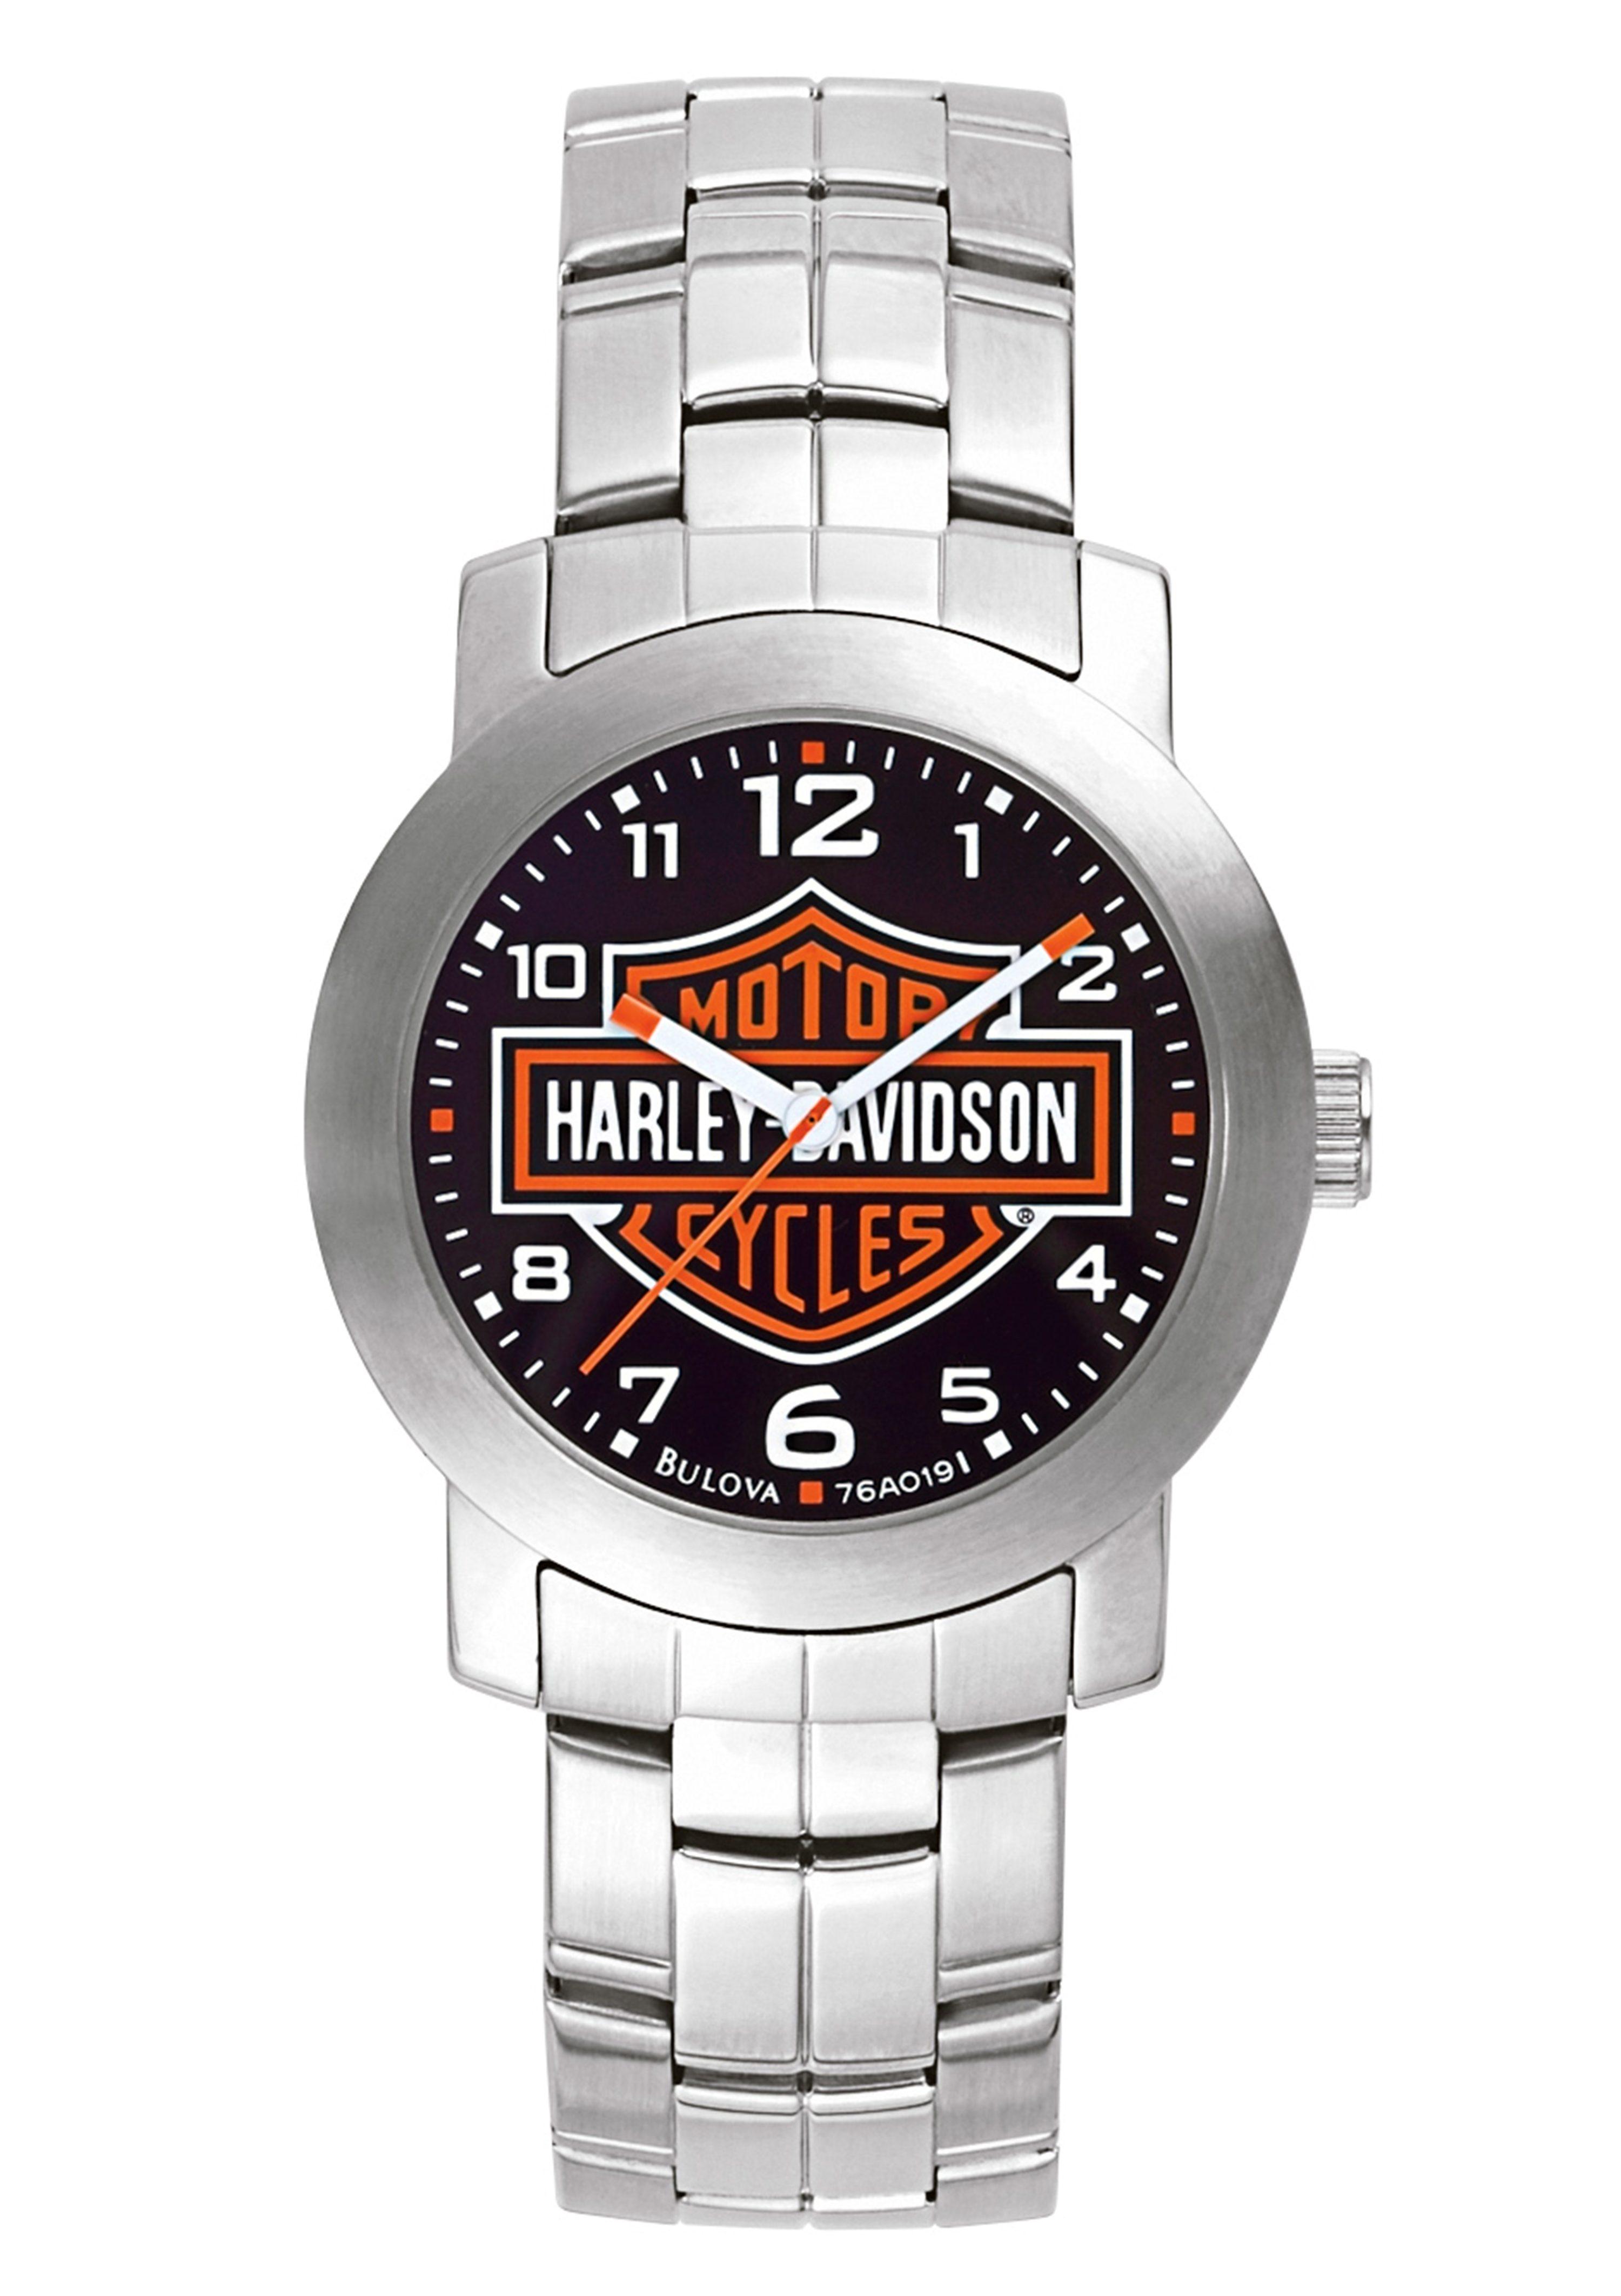 Harley Davidson Quarzuhr »Decals, 76A019«